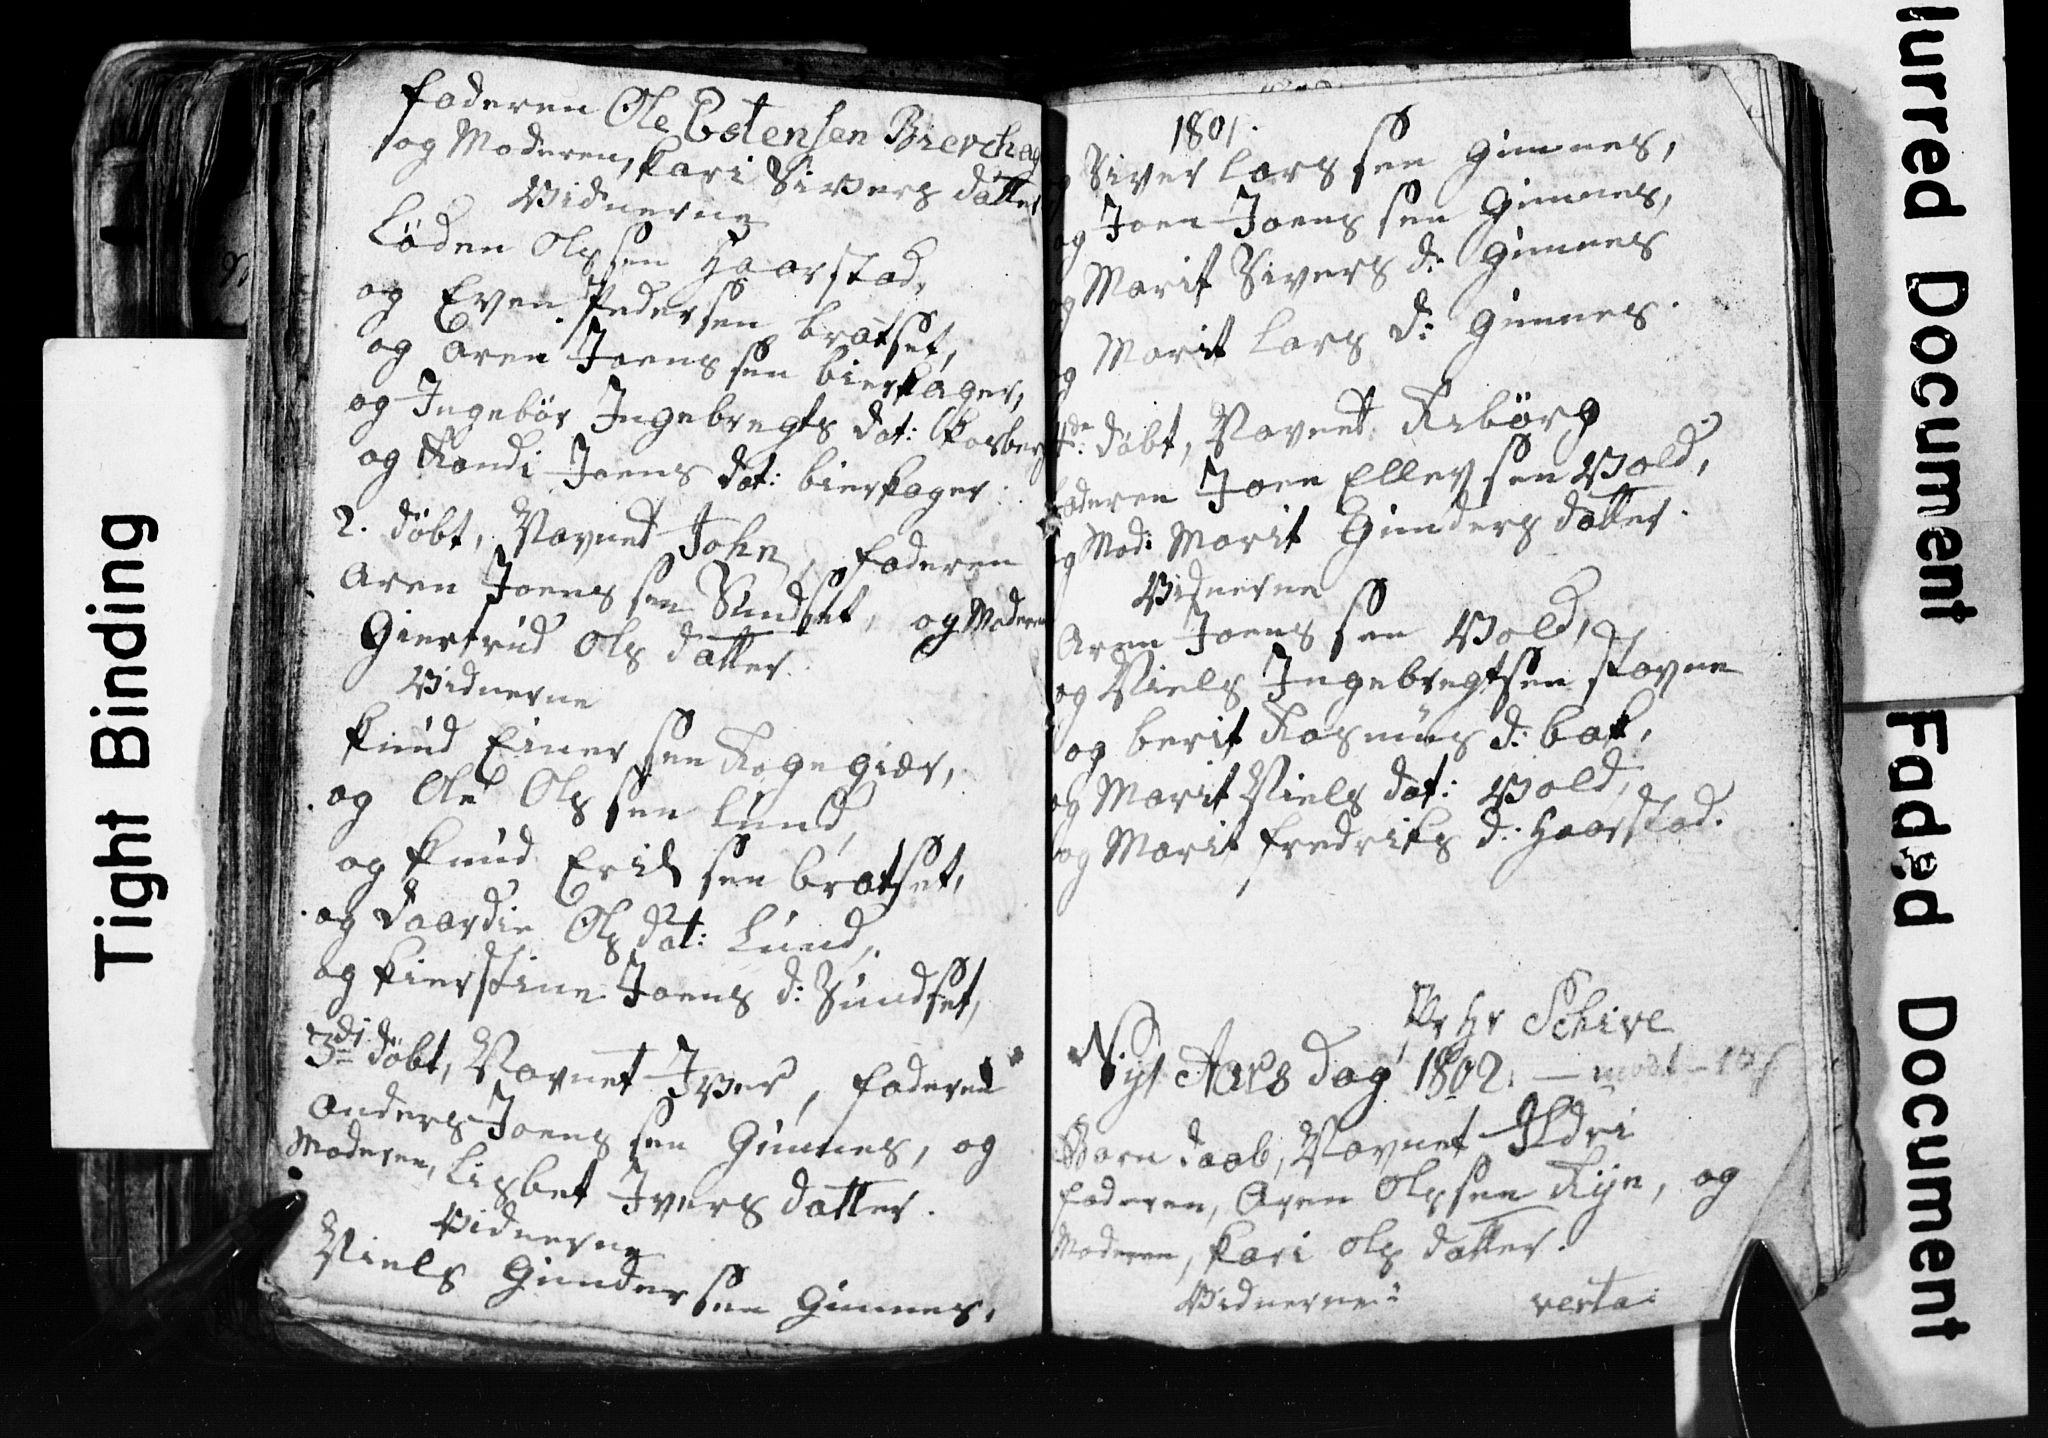 SAT, Ministerialprotokoller, klokkerbøker og fødselsregistre - Sør-Trøndelag, 674/L0880: Klokkerbok nr. 674C07, 1795-1807